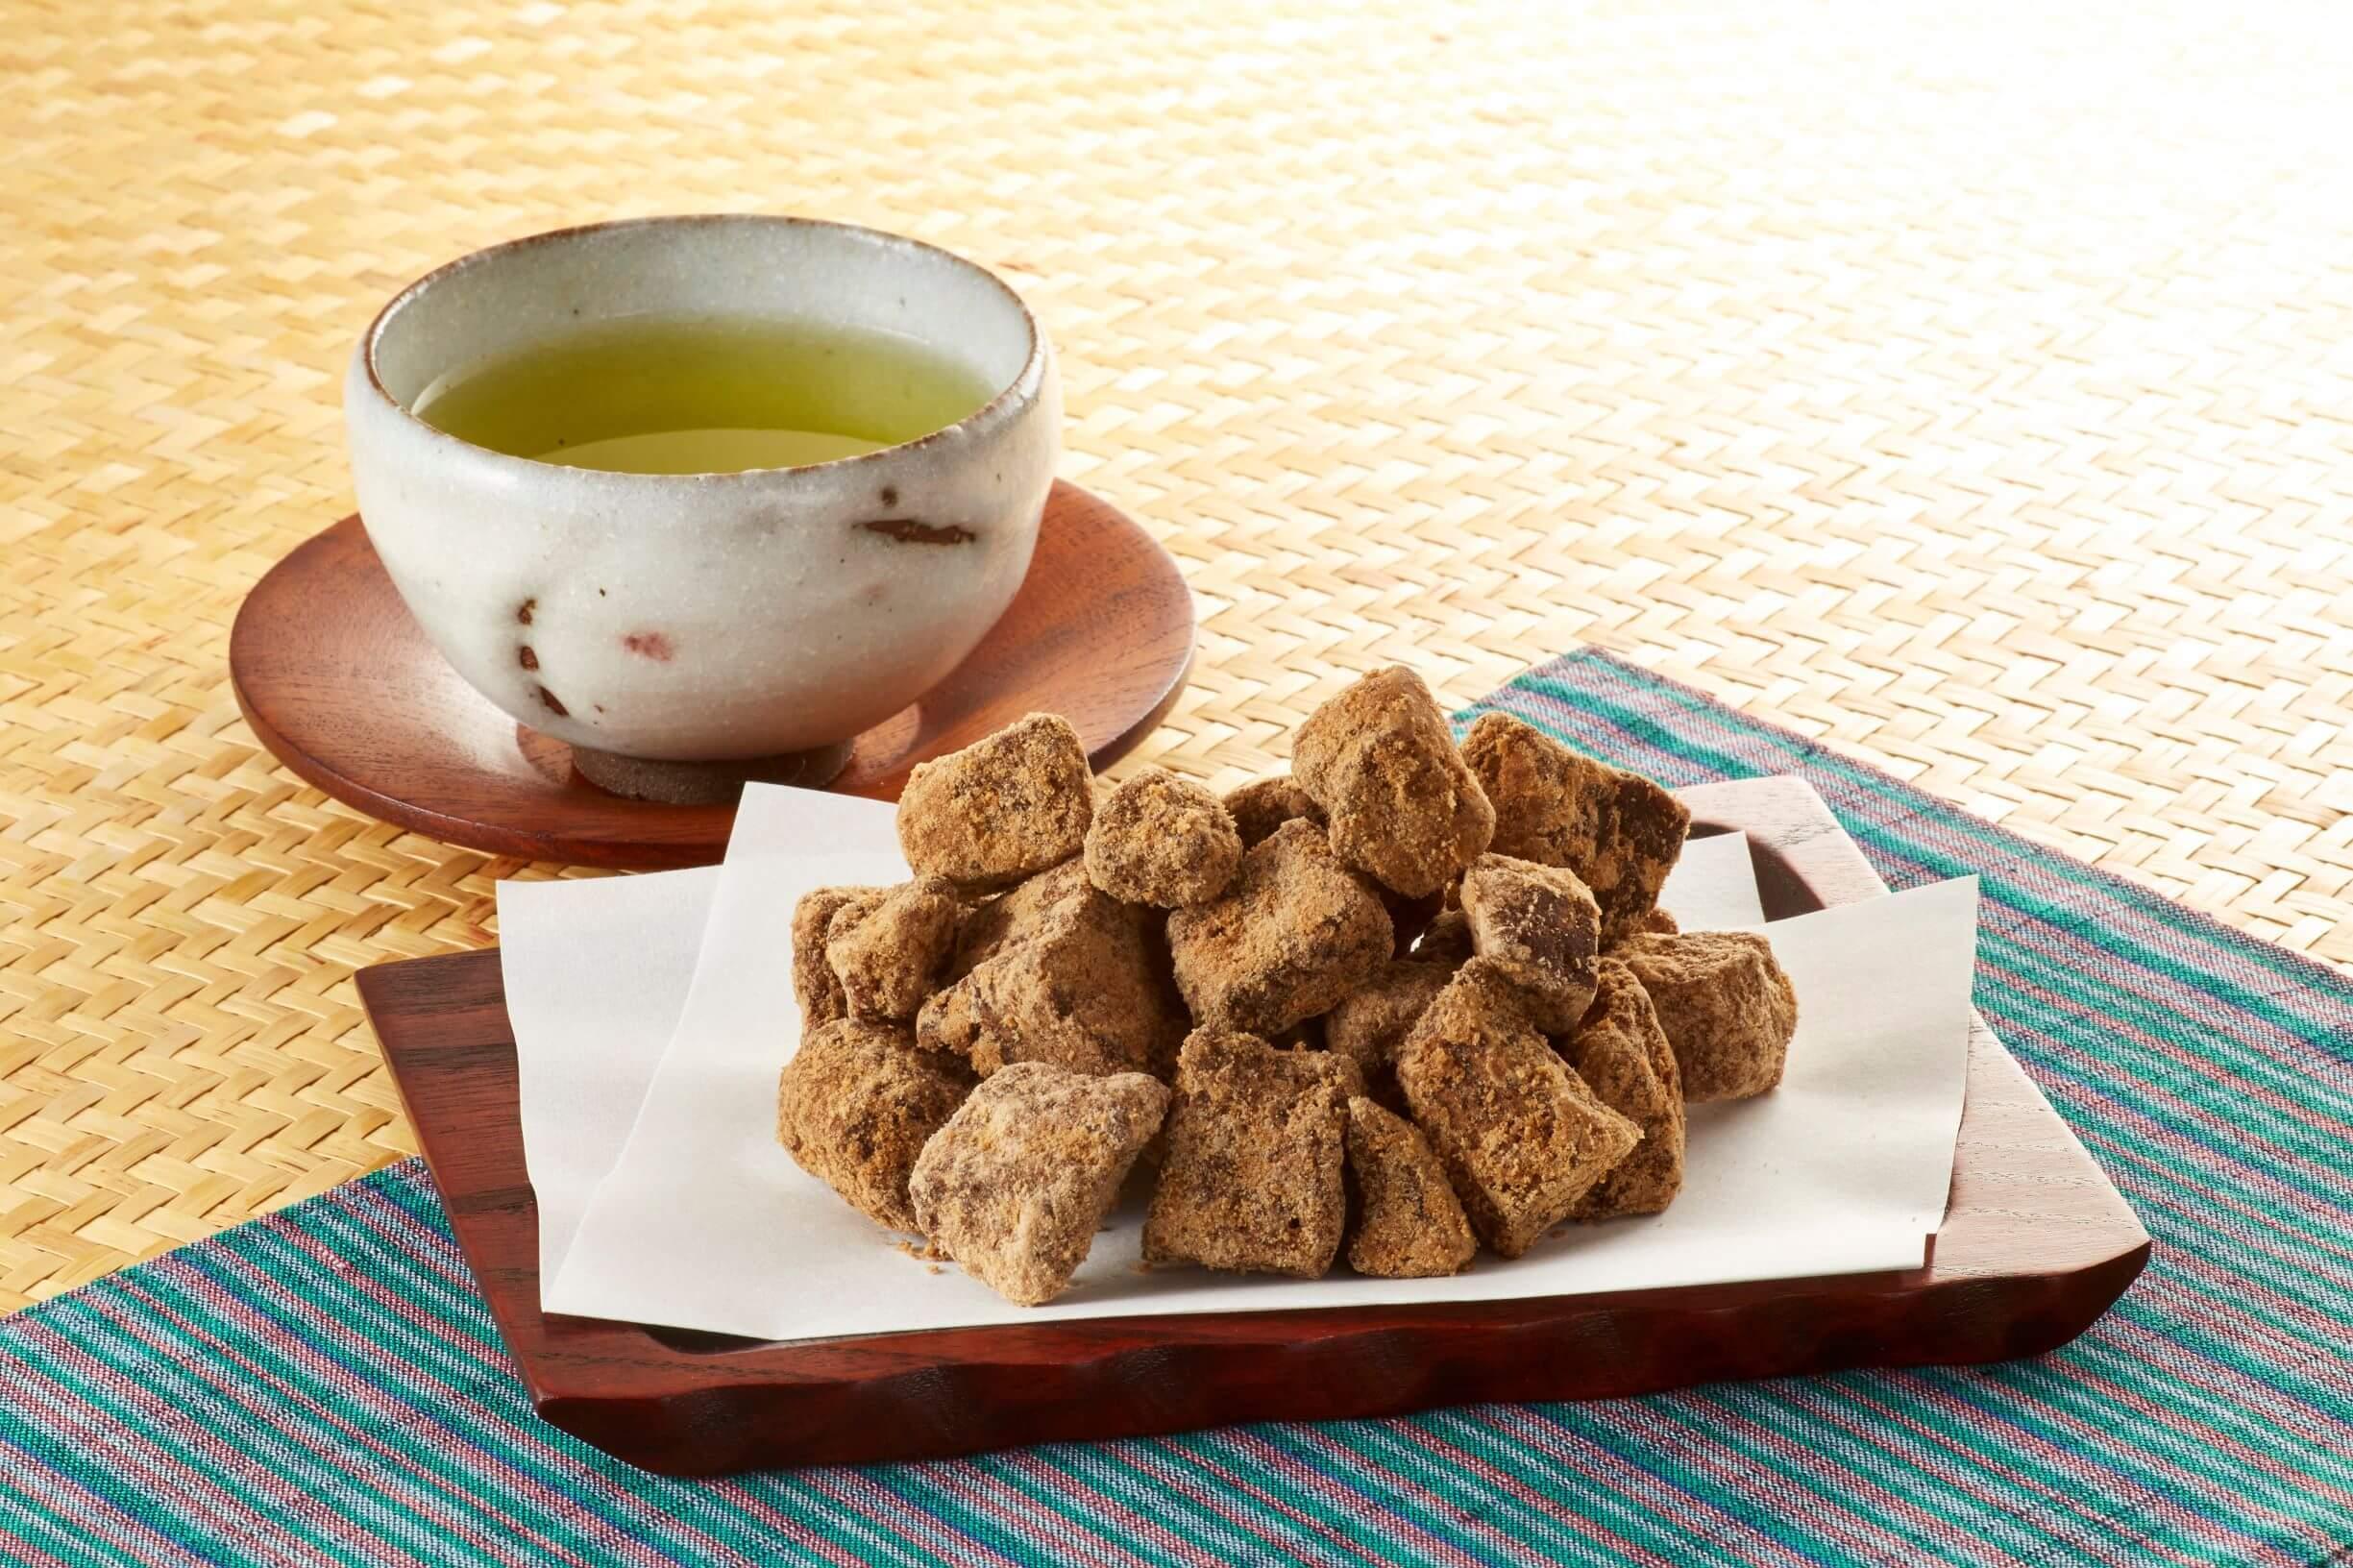 kokuto, brown sugar